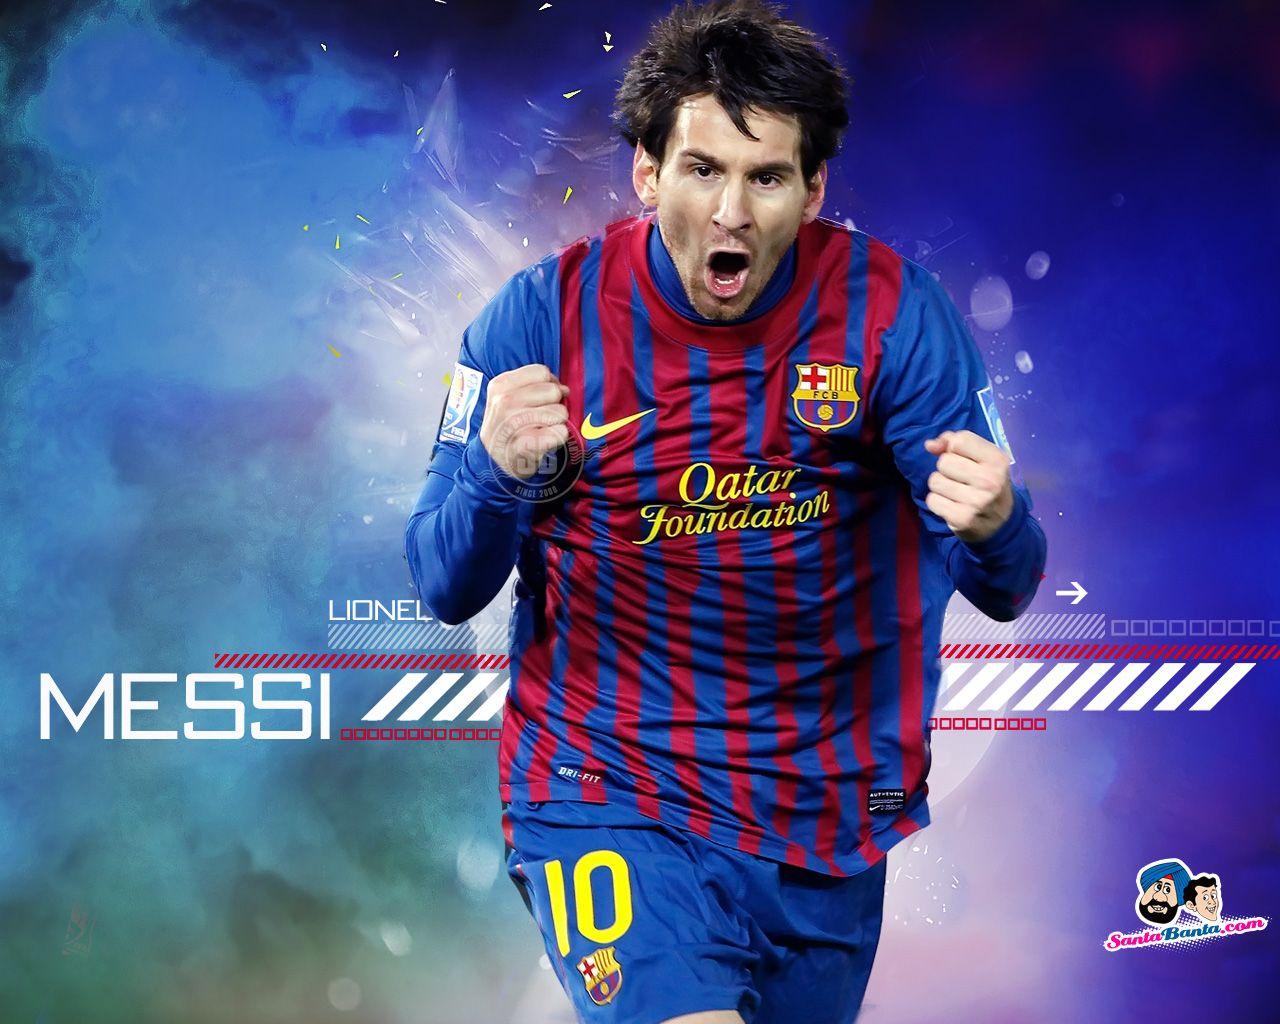 81 best lionel messi images on pinterest | lionel messi, soccer